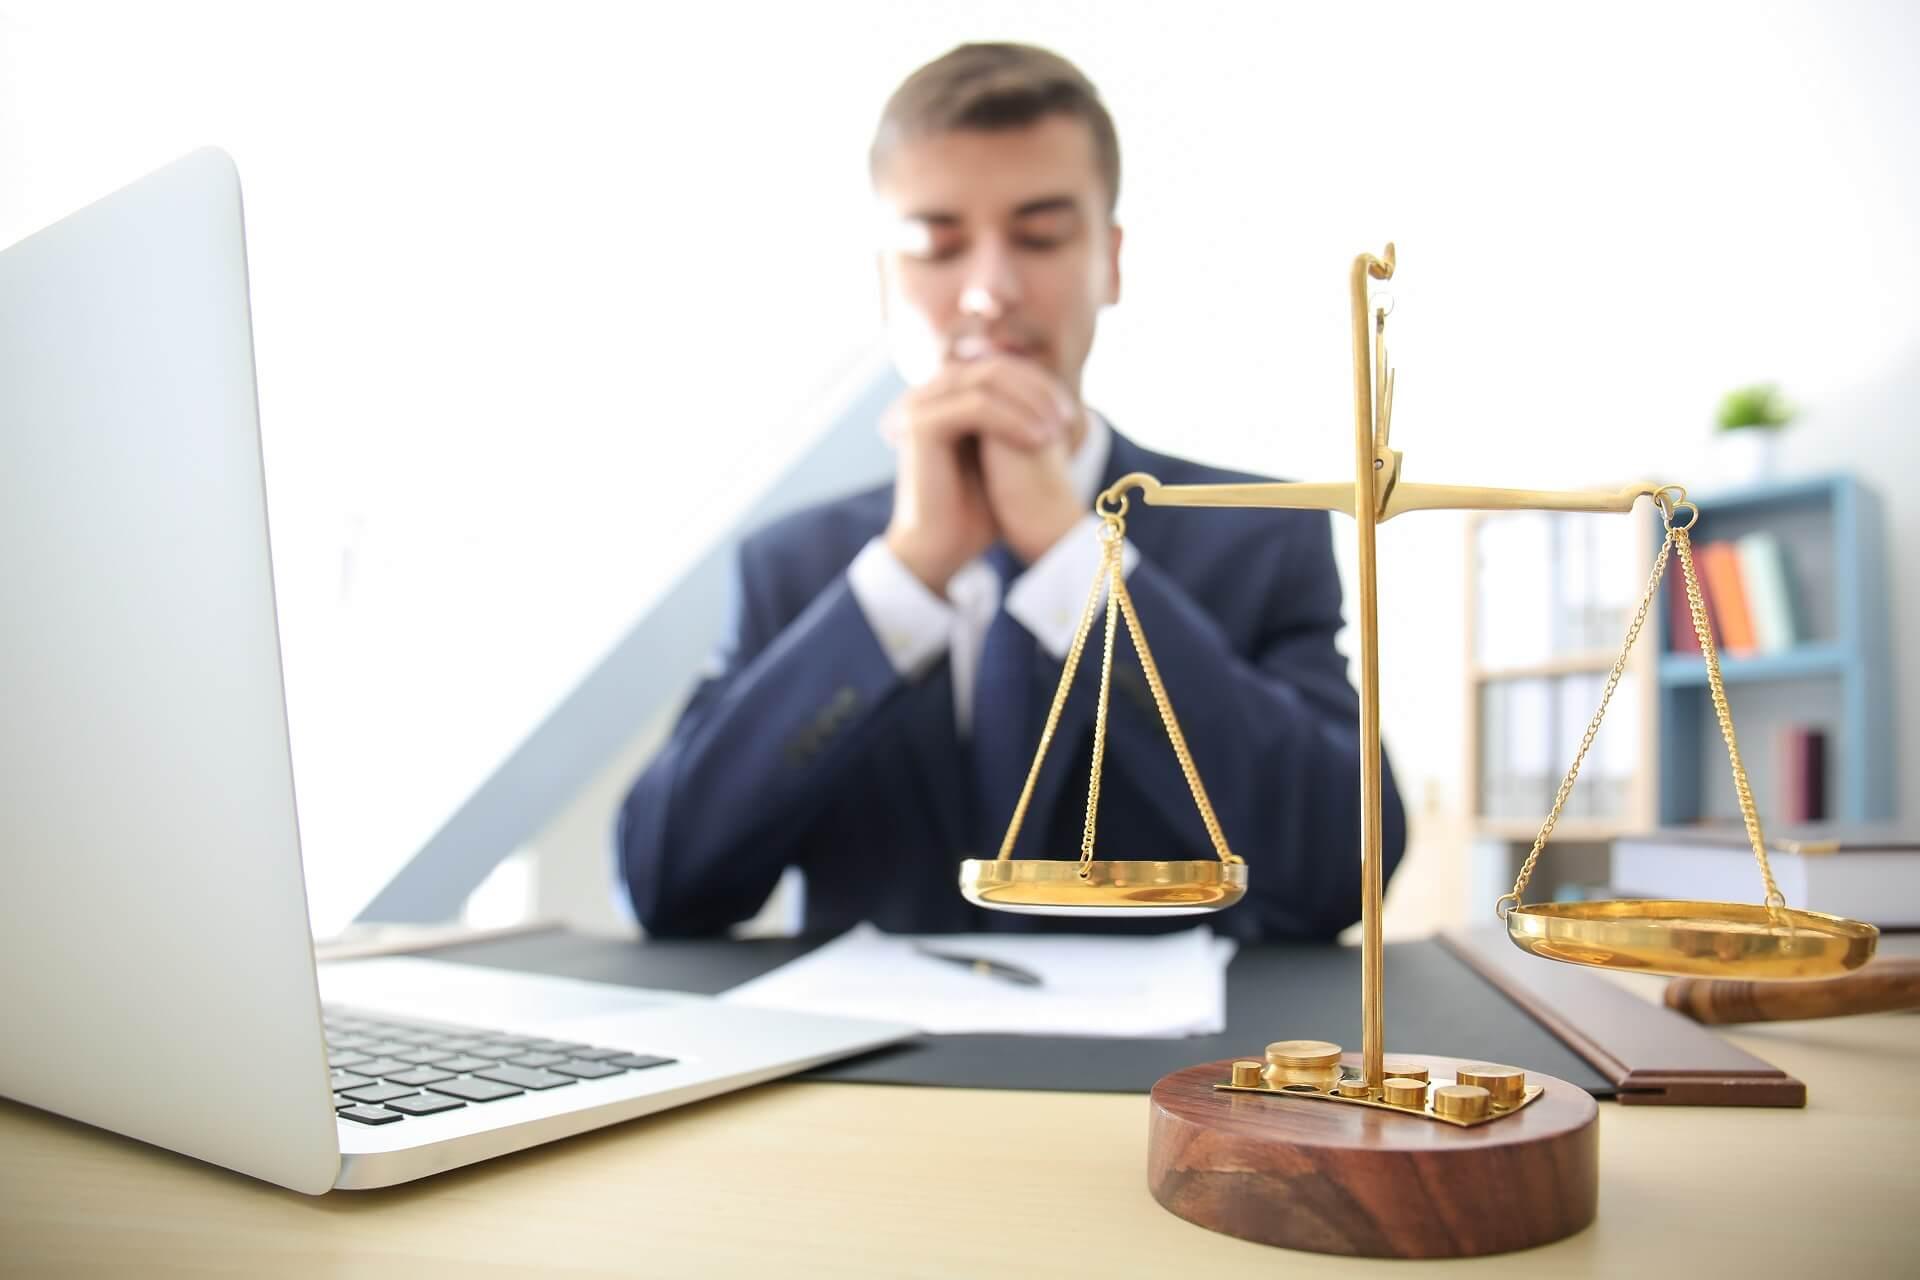 охоронно-юридична фірма Гепард - юридичний супровід бізнесу